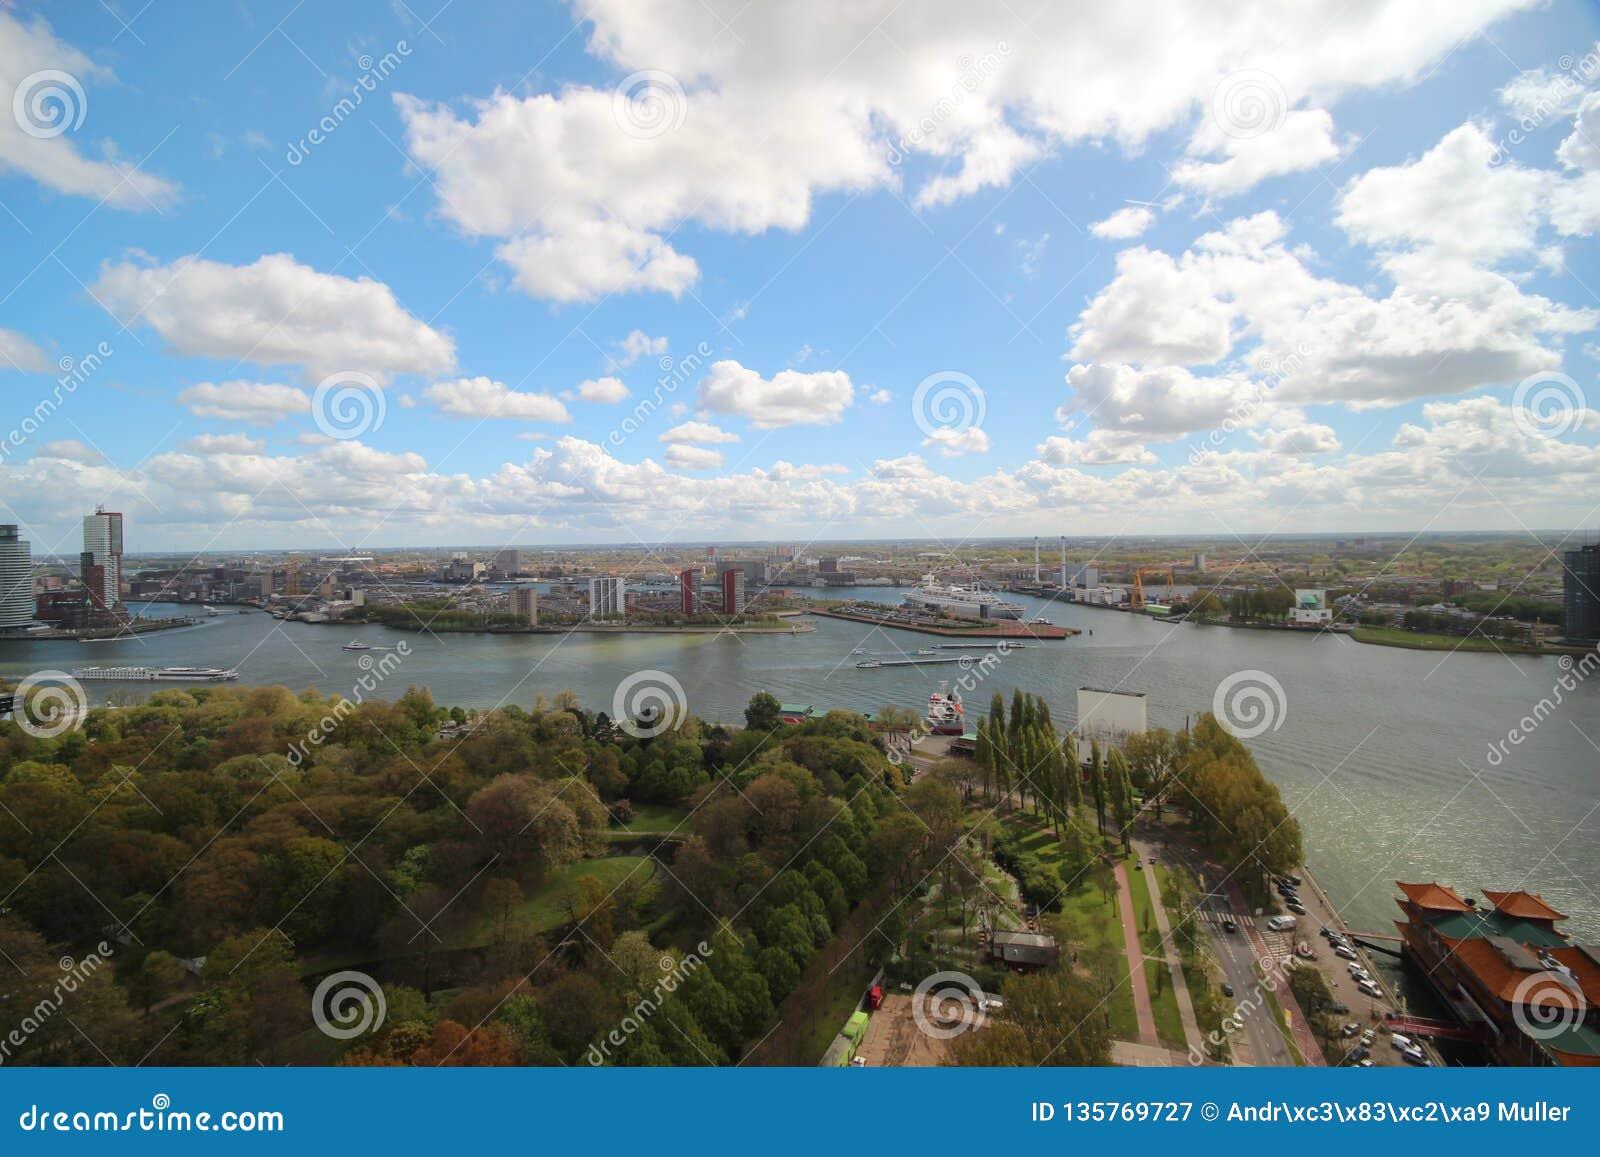 Överblick över staden av Rotterdam i Nederländerna med dess hamnar och broar över floden Oude Maas